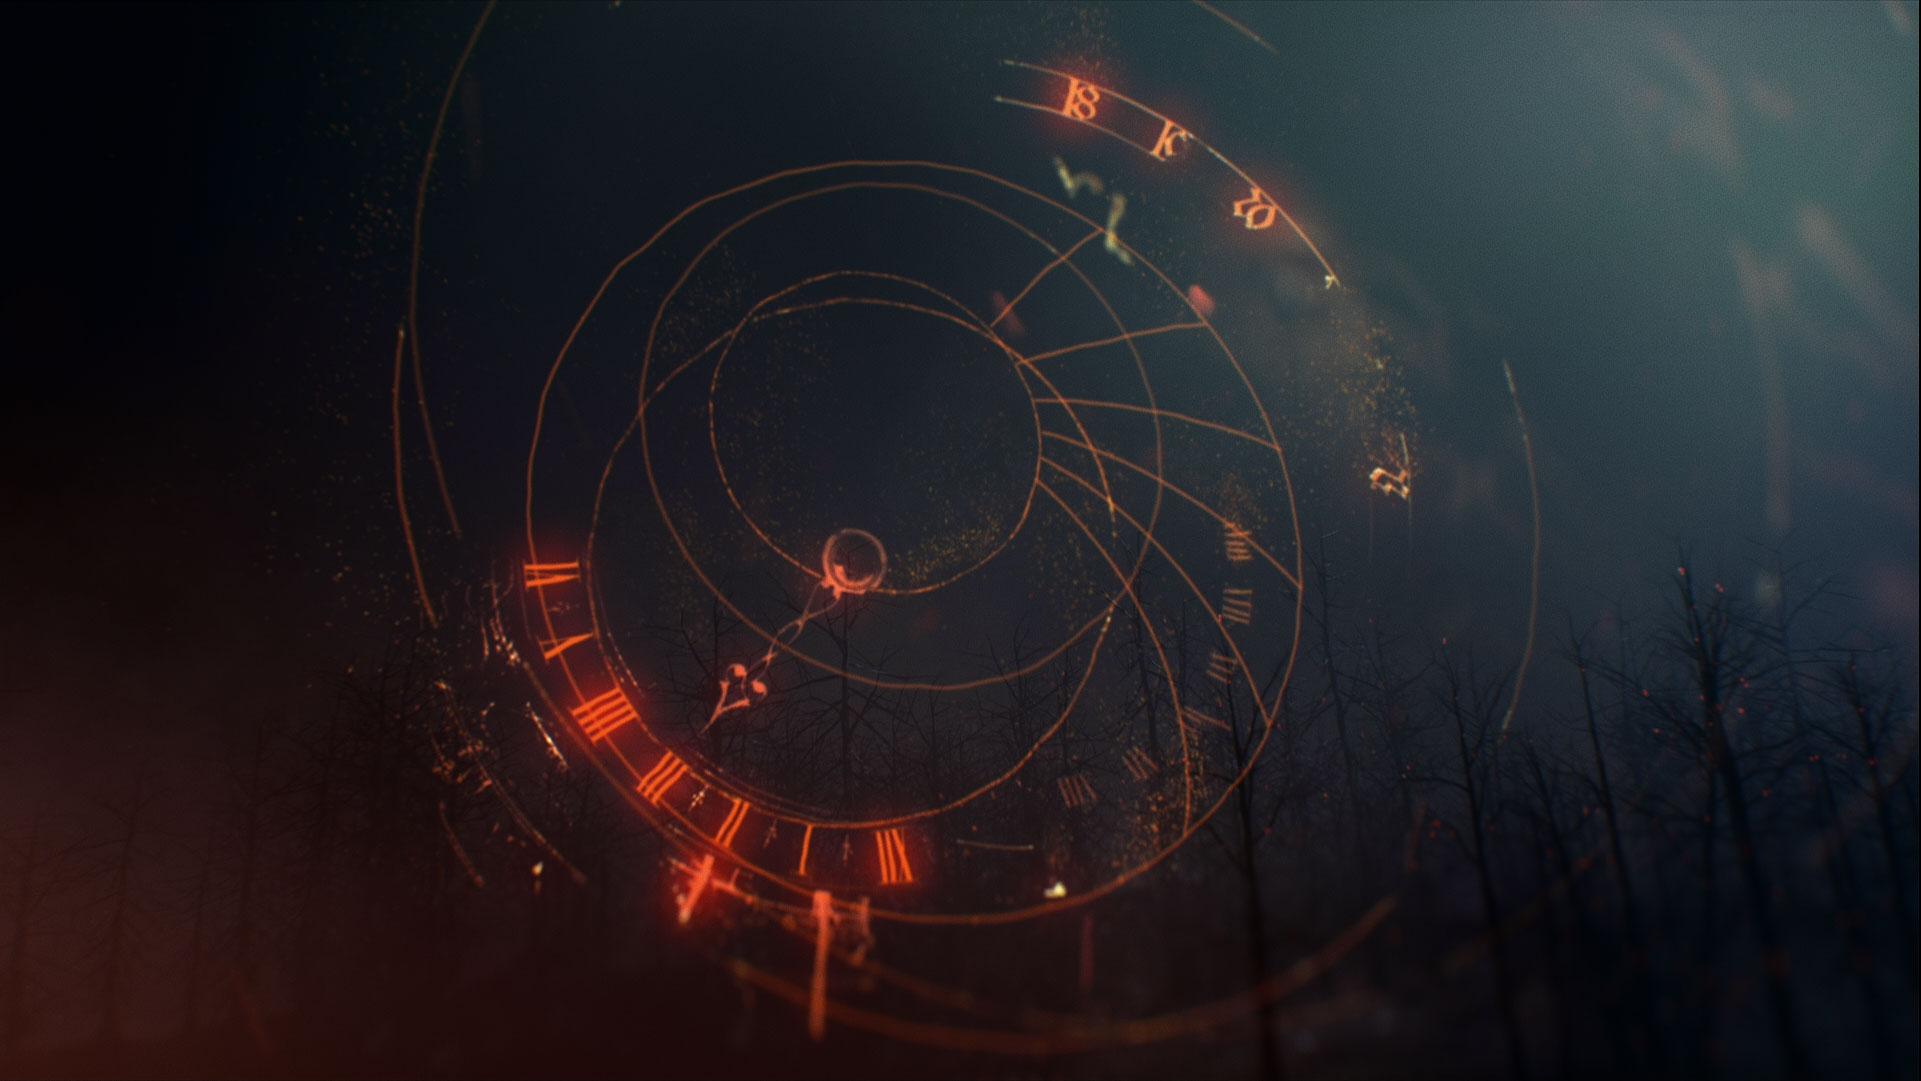 lore_screenshot_09.jpg